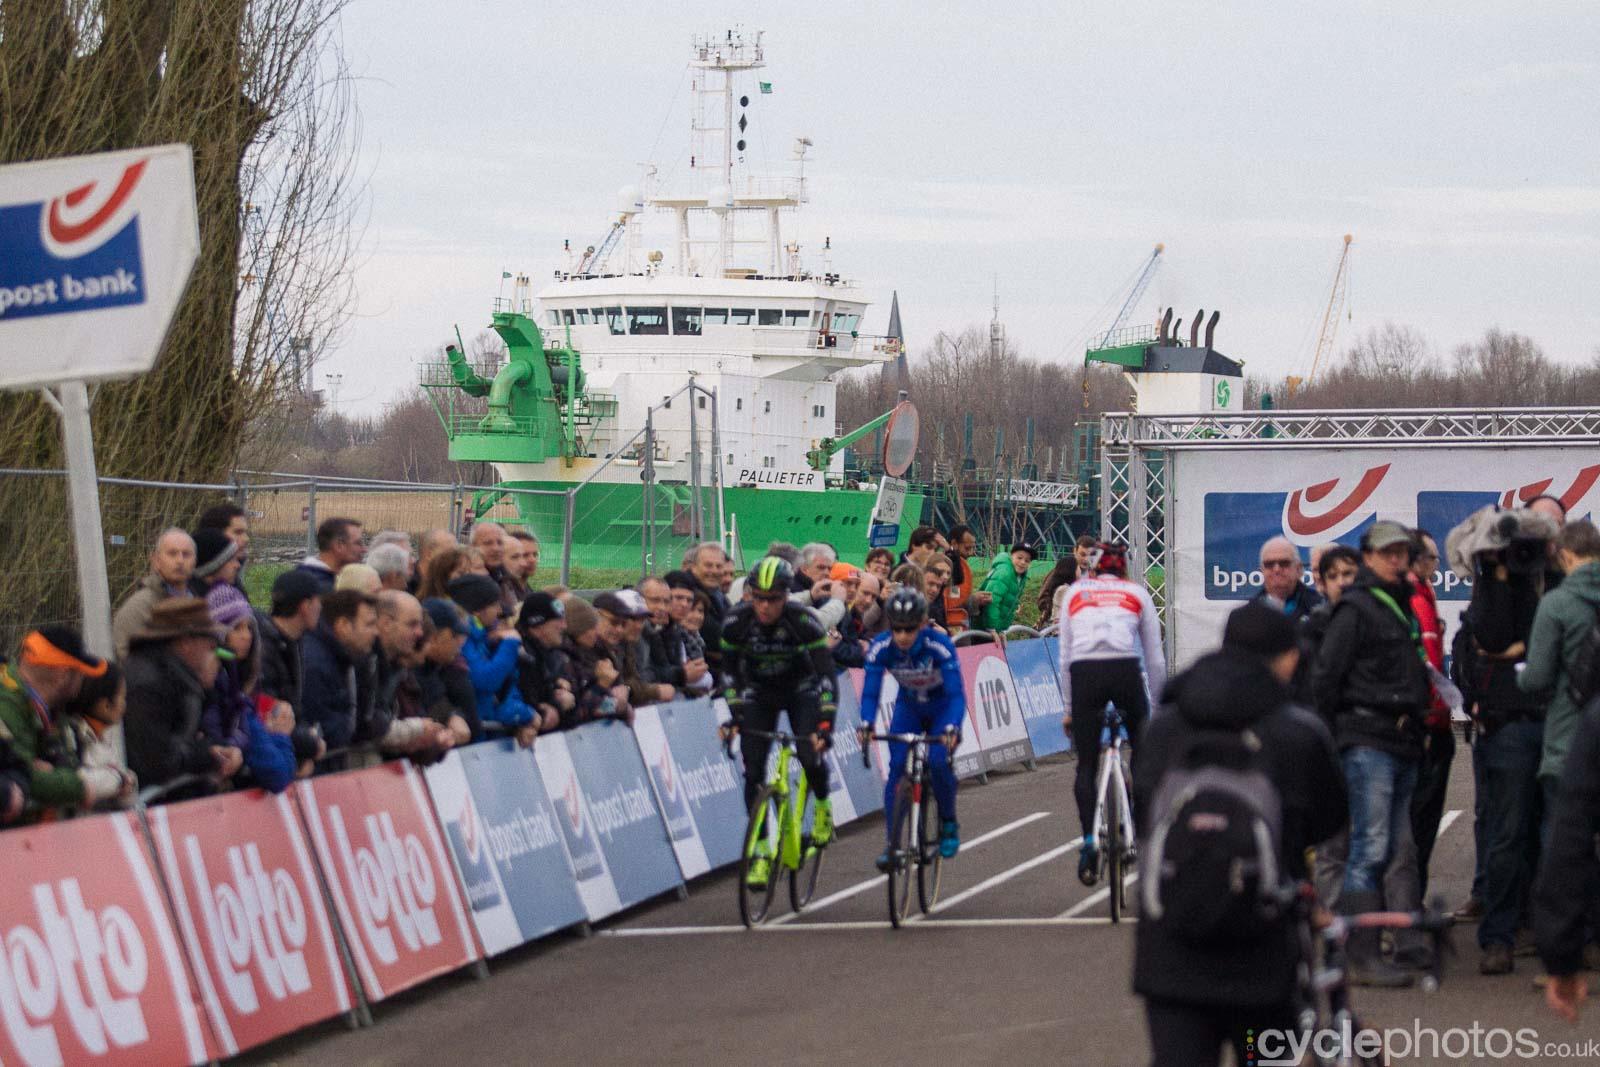 2015-cyclephotos-cyclocross-scheldecross-145108-ship